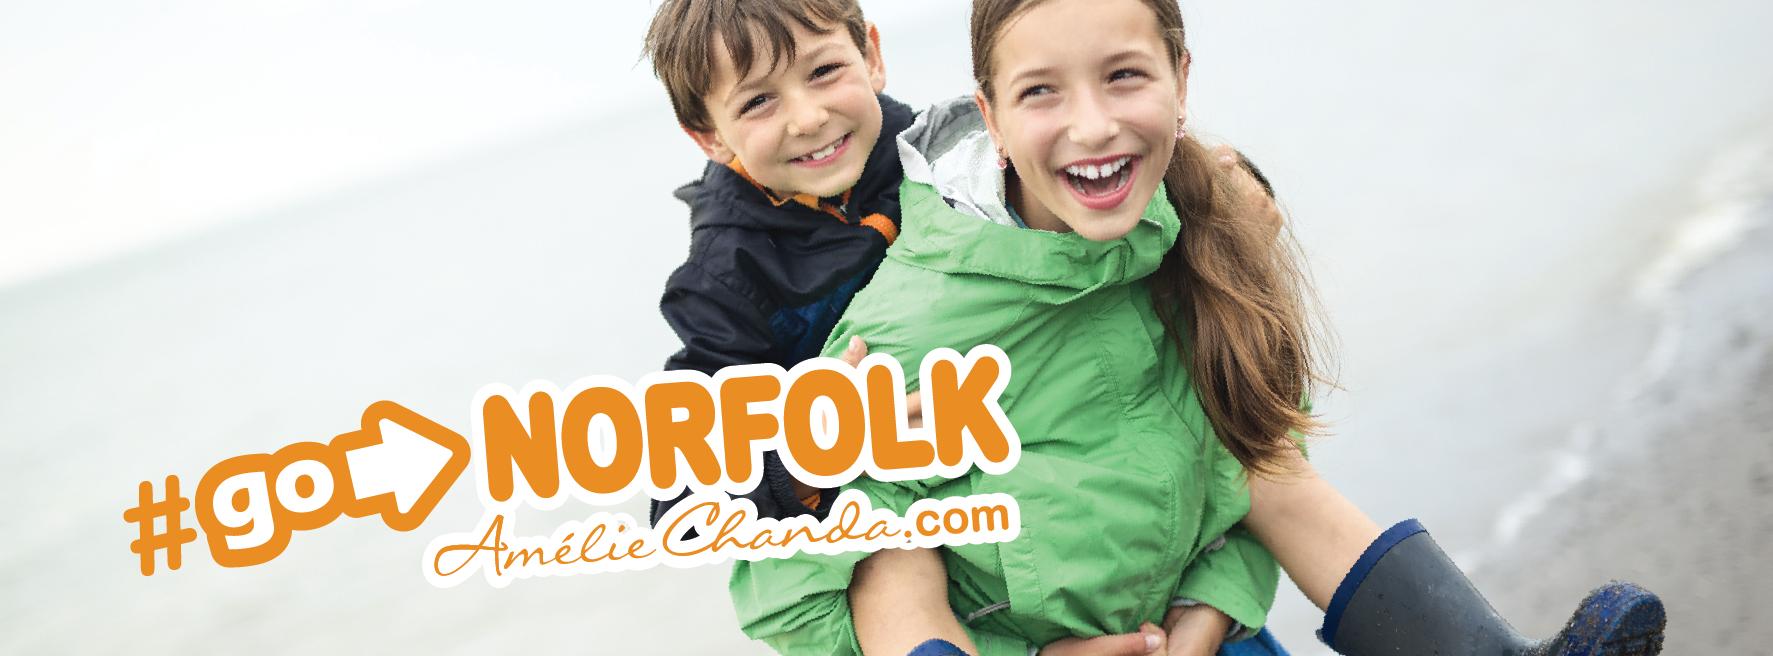 Go Norfolk piggyback